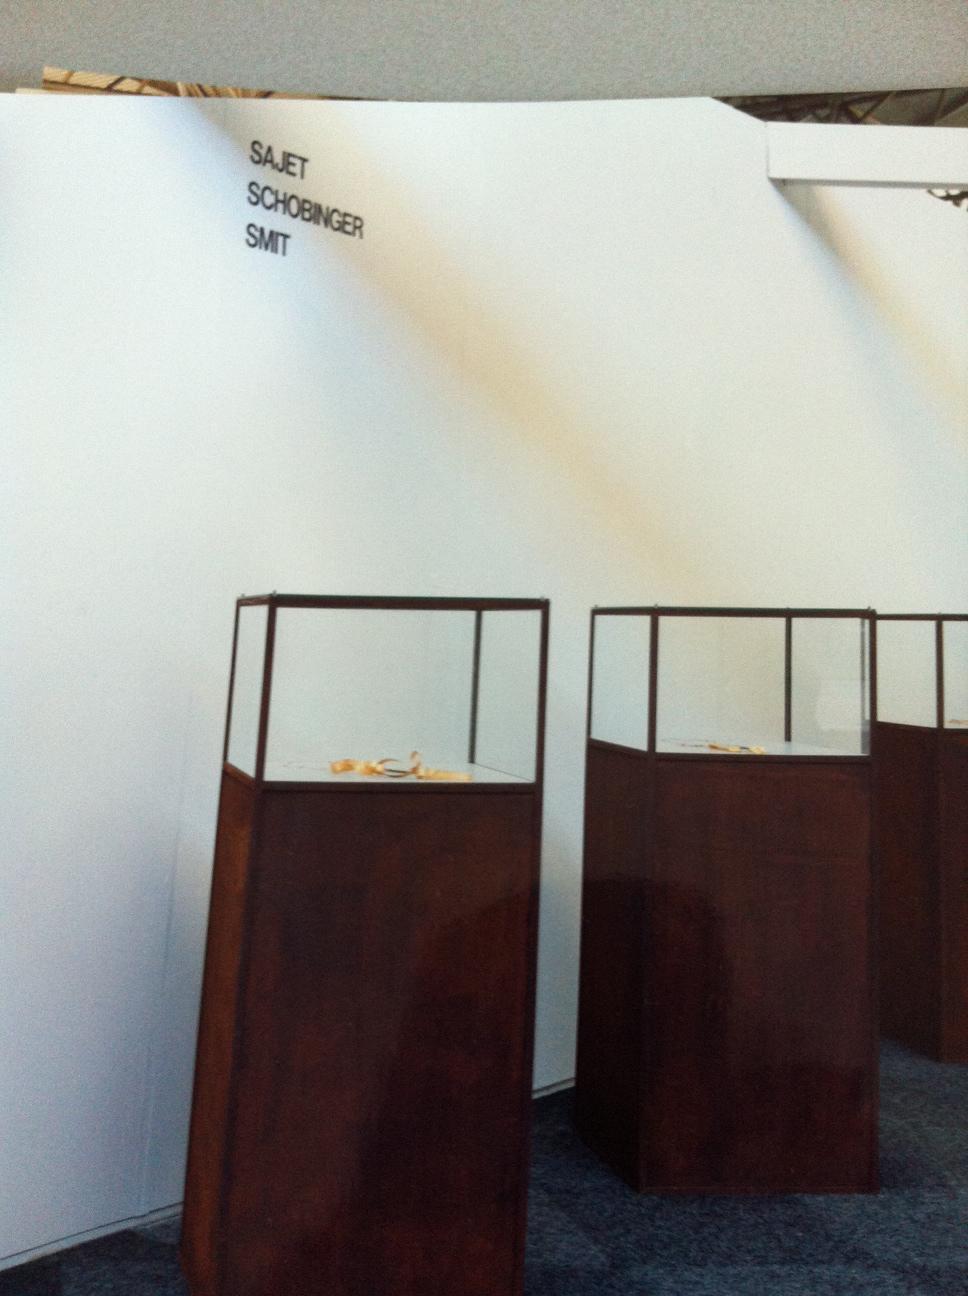 Galerie Louise Smit op KunstRAI 1989, beurs, RAI, Amsterdam, vitrines